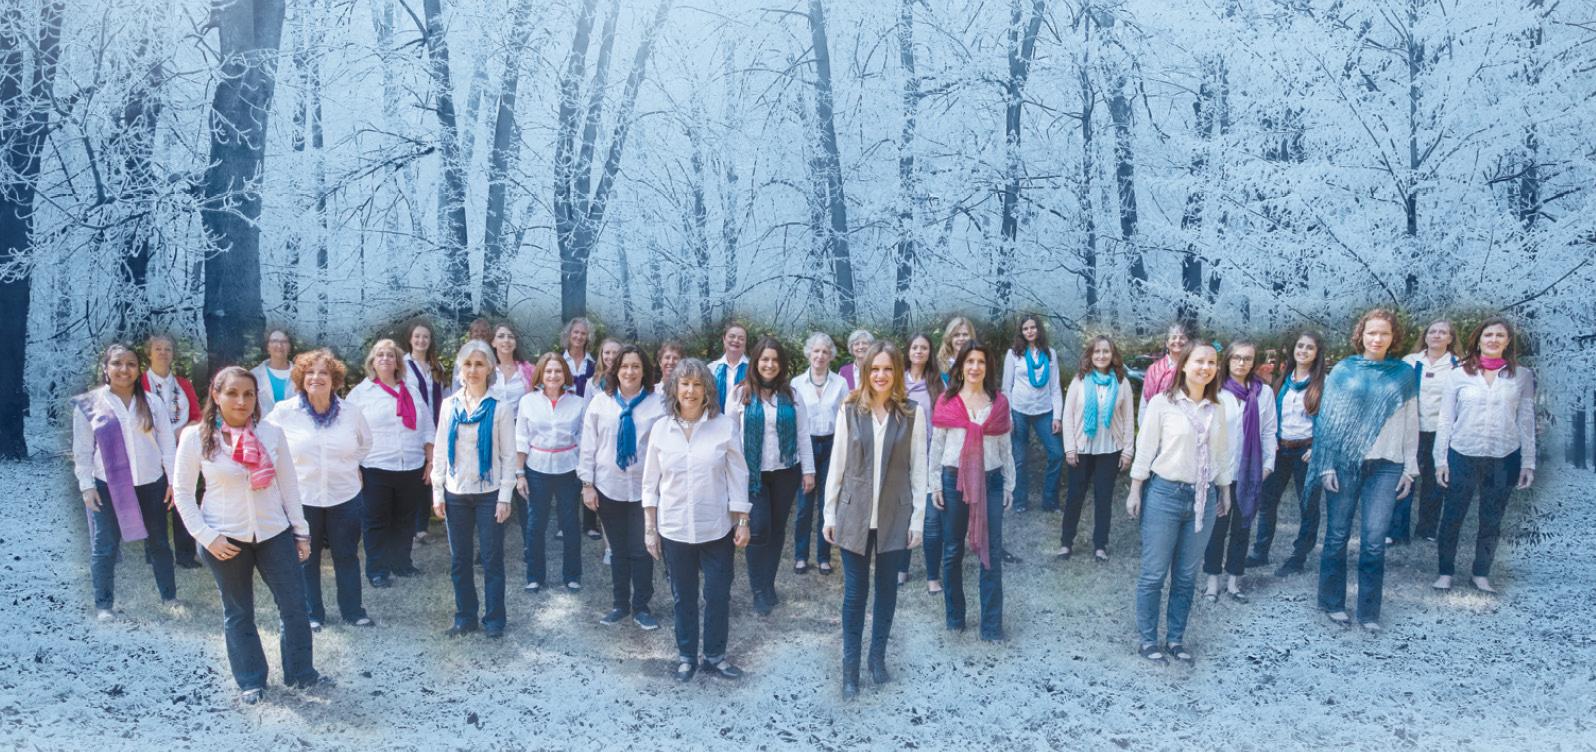 SoHarmoniums-Winter.jpg